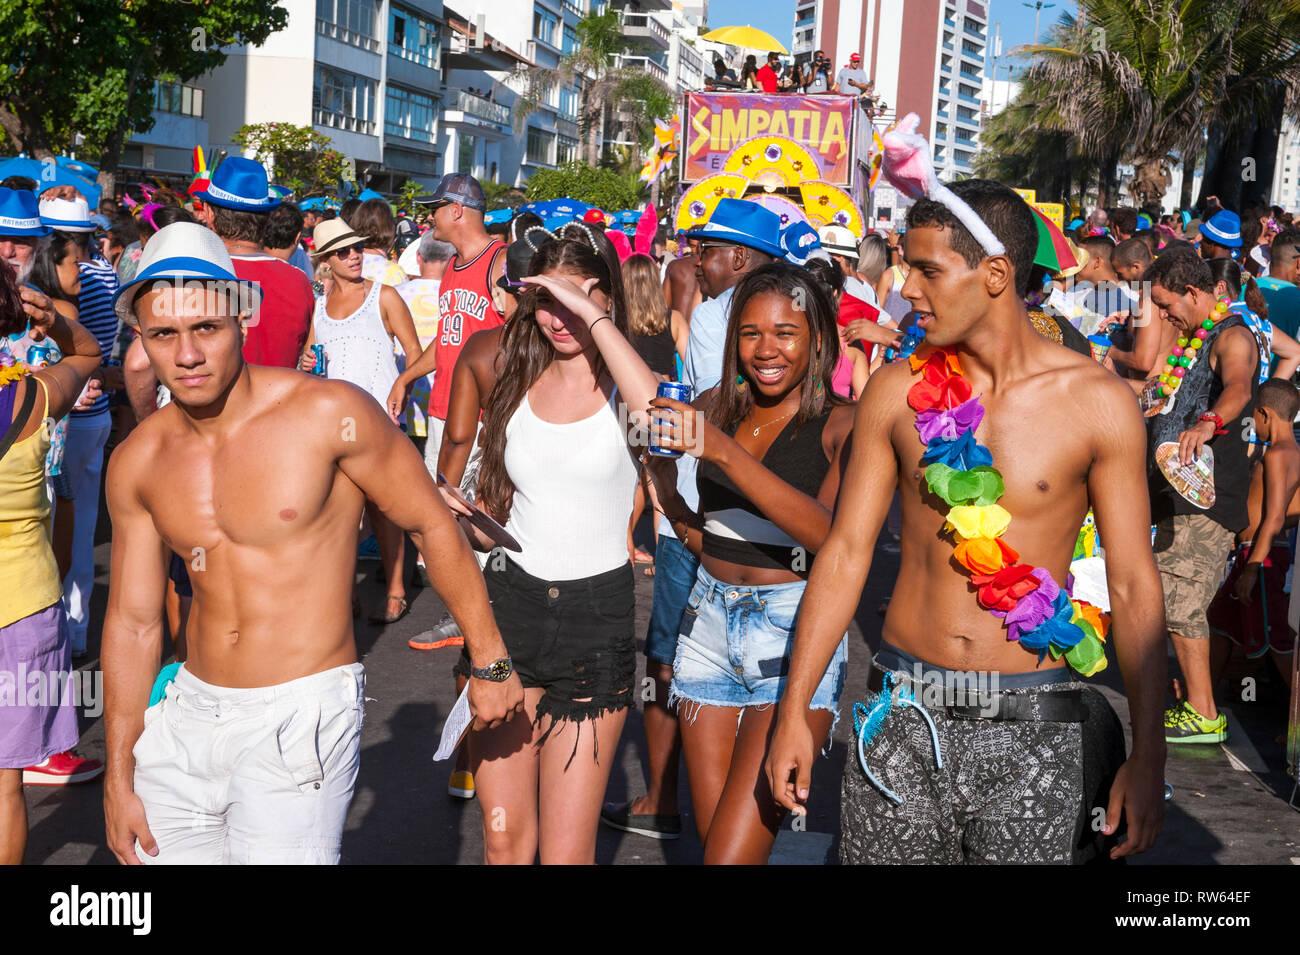 RIO DE JANEIRO - 18 de febrero de 2017: Una tarde de carnaval en la fiesta de la calle Farme de Amoedo gay sección de Ipanema atrae multitudes de jóvenes brasileños. Imagen De Stock